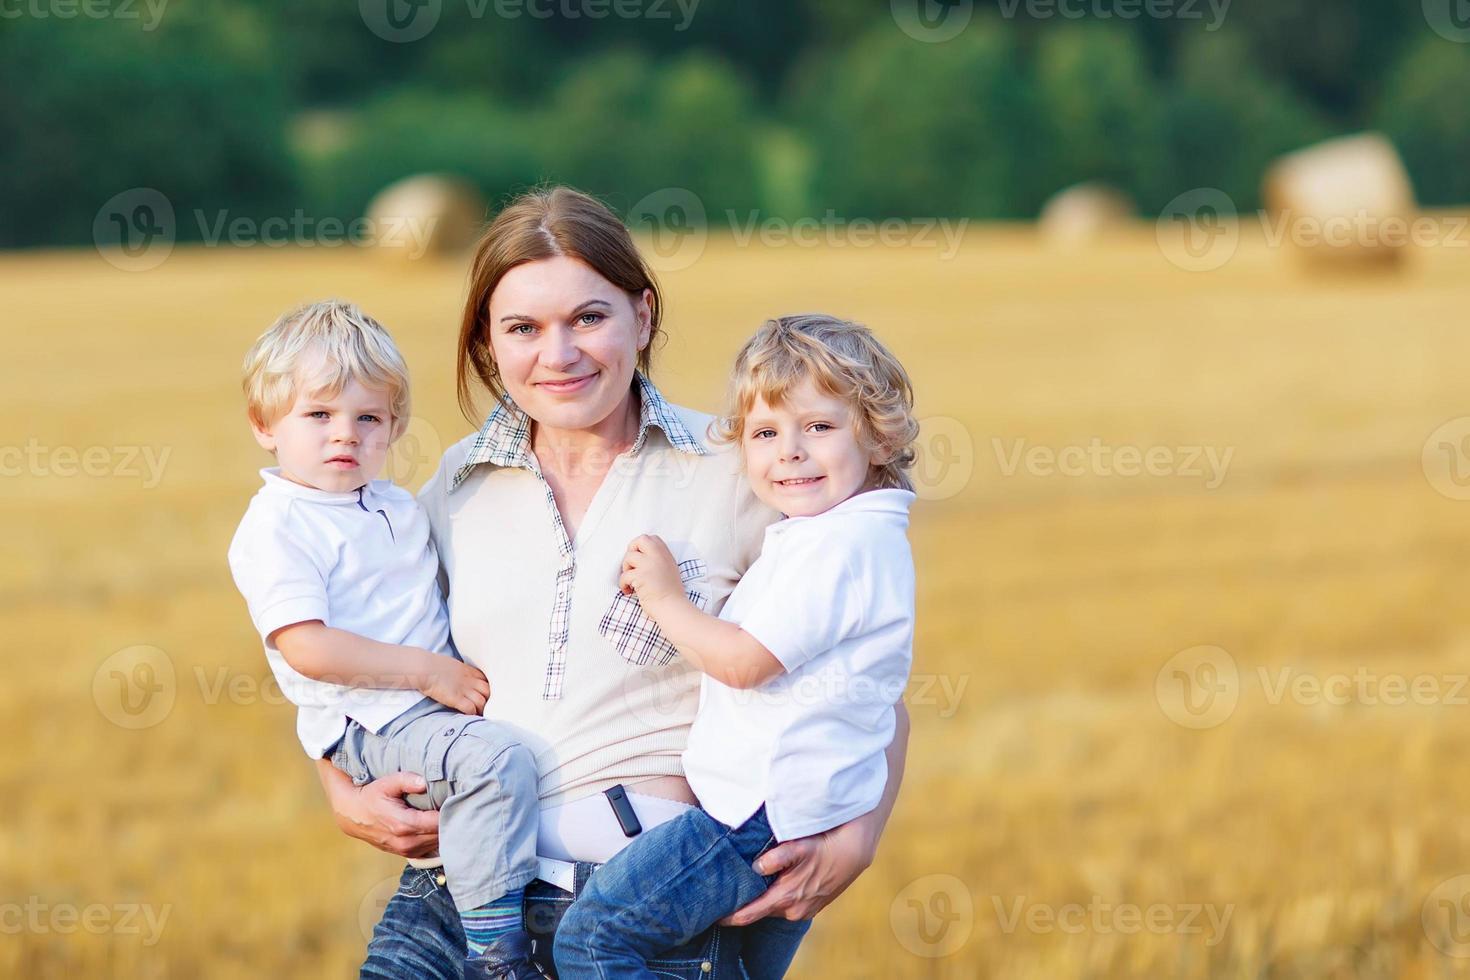 giovane madre e due gemelli ragazzi divertirsi foto